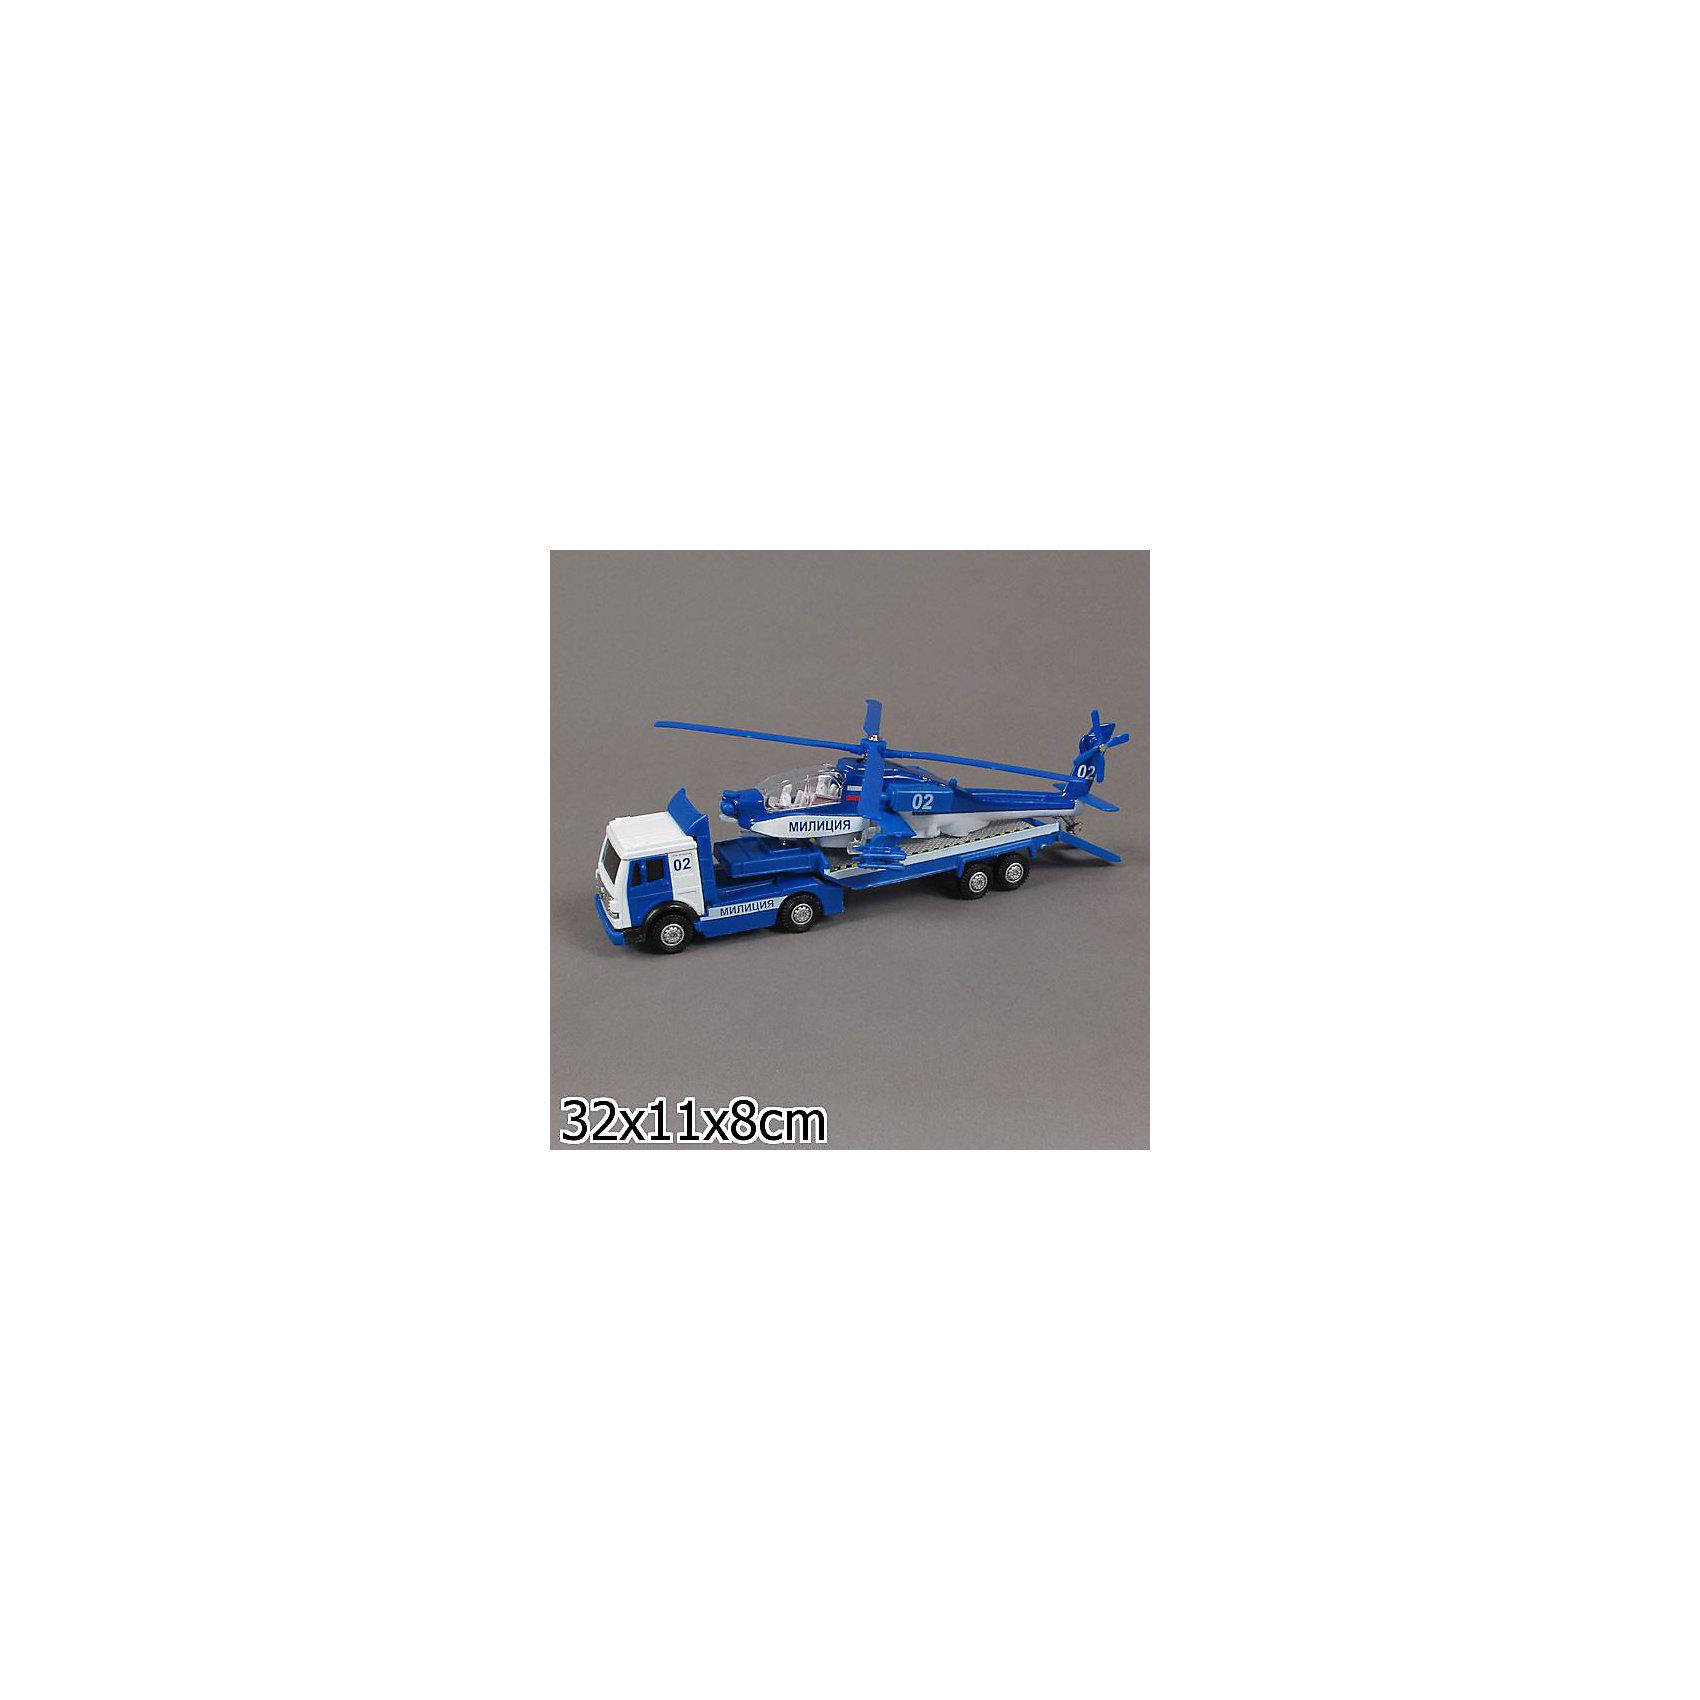 ТЕХНОПАРК Милиция с вертолётомХарактеристики товара:<br><br>• материал: пластик, металл <br>• размер упаковки: 32х11х8 см<br>• масштаб: 1:43<br>• звуковые эффекты<br>• световые эффекты<br>• хорошая детализация<br>• упаковка: коробка<br>• машина инерционная<br>• страна бренда: Российская Федерация<br>• страна производства: Китай<br><br>В этот набор входит металлическая иннерционная машинка и вертолет Милиция. Такая хорошо детализированная игрушка от российского бренда Технопарк станет отличным подарком мальчику. Набор дополнен звуковыми и световыми эффектами. Машинка инерционная: если провезти её задним ходом и отпустить - она сама поедет вперед.<br>Игры с машинками позволяют ребенку не только весело проводить время, но и развивать важные навыки: мелкую моторику, воображение, логику, мышление. Изделие произведено из сертифицированных материалов, безопасных для детей.<br><br>Милиция с вертолётом от бренда ТЕХНОПАРК можно купить в нашем интернет-магазине.<br><br>Ширина мм: 80<br>Глубина мм: 320<br>Высота мм: 160<br>Вес г: 400<br>Возраст от месяцев: 36<br>Возраст до месяцев: 1188<br>Пол: Мужской<br>Возраст: Детский<br>SKU: 2326243